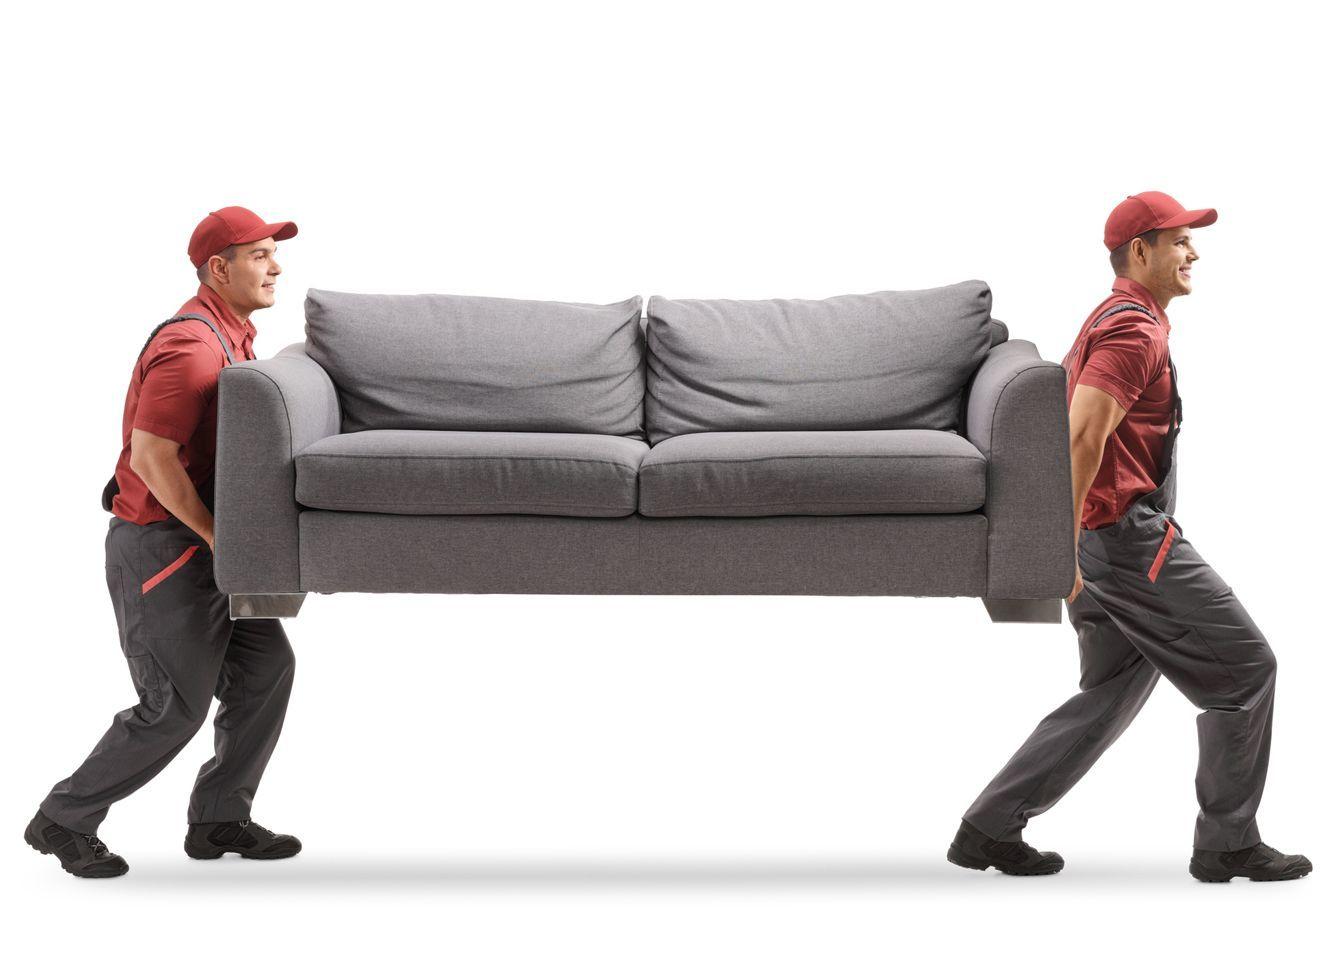 高齢者こそ家具家電レンタルが最適なワケ モノを減らして身軽に暮らす